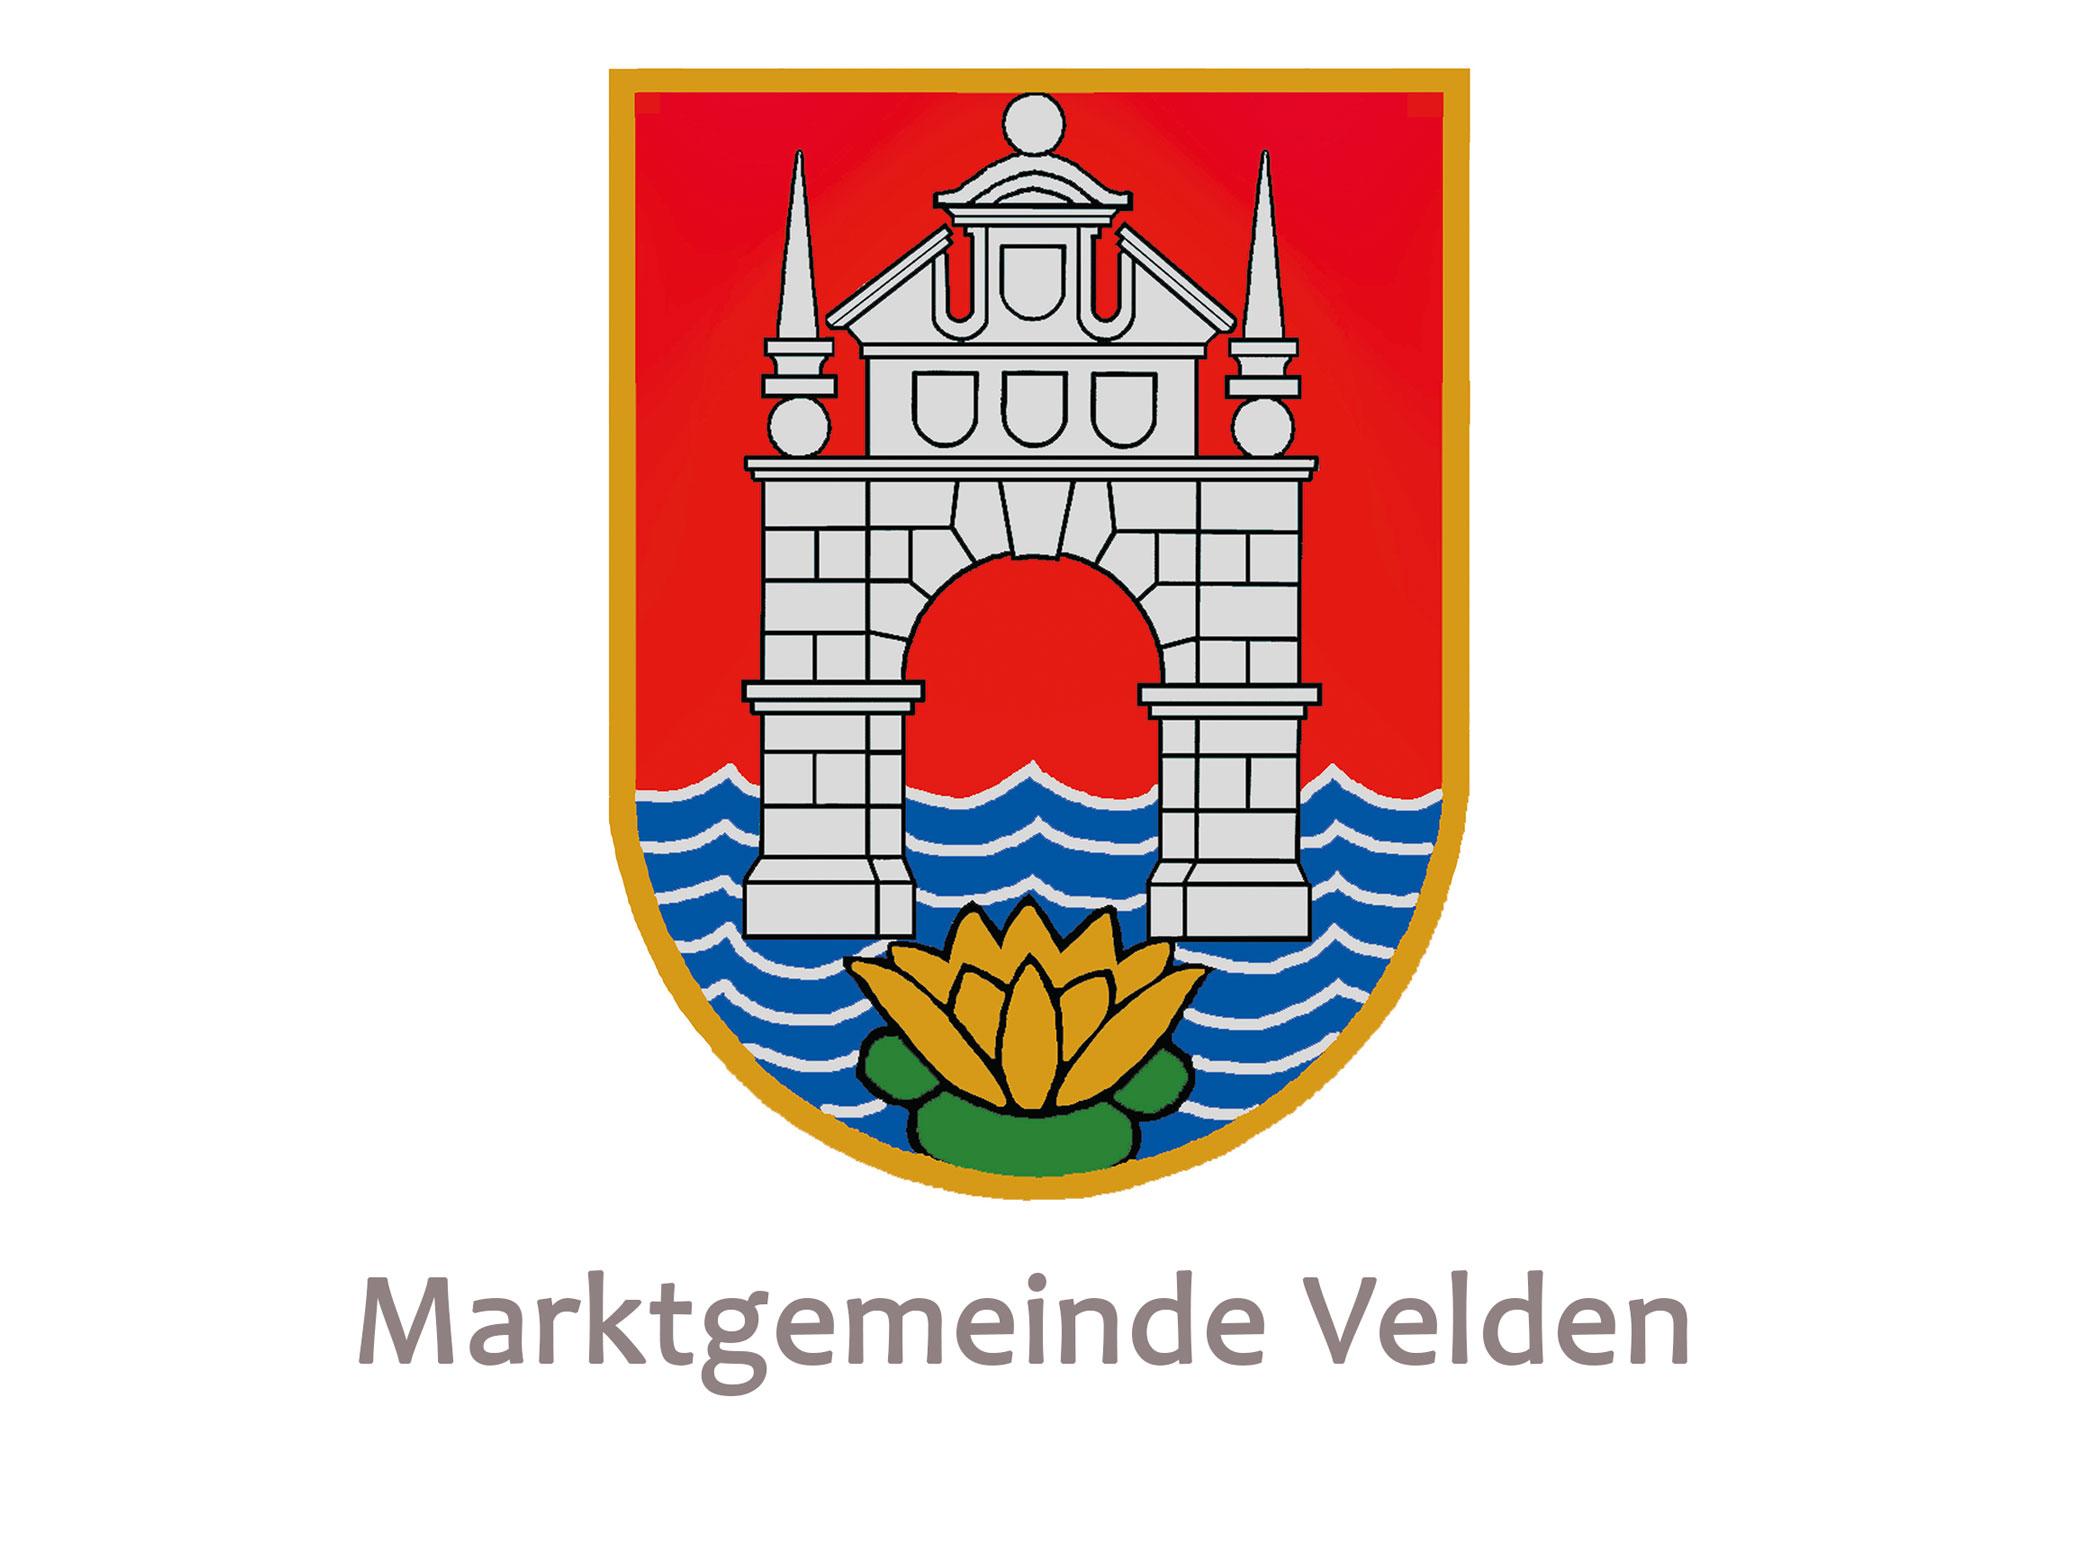 Marktgemeinde Velden